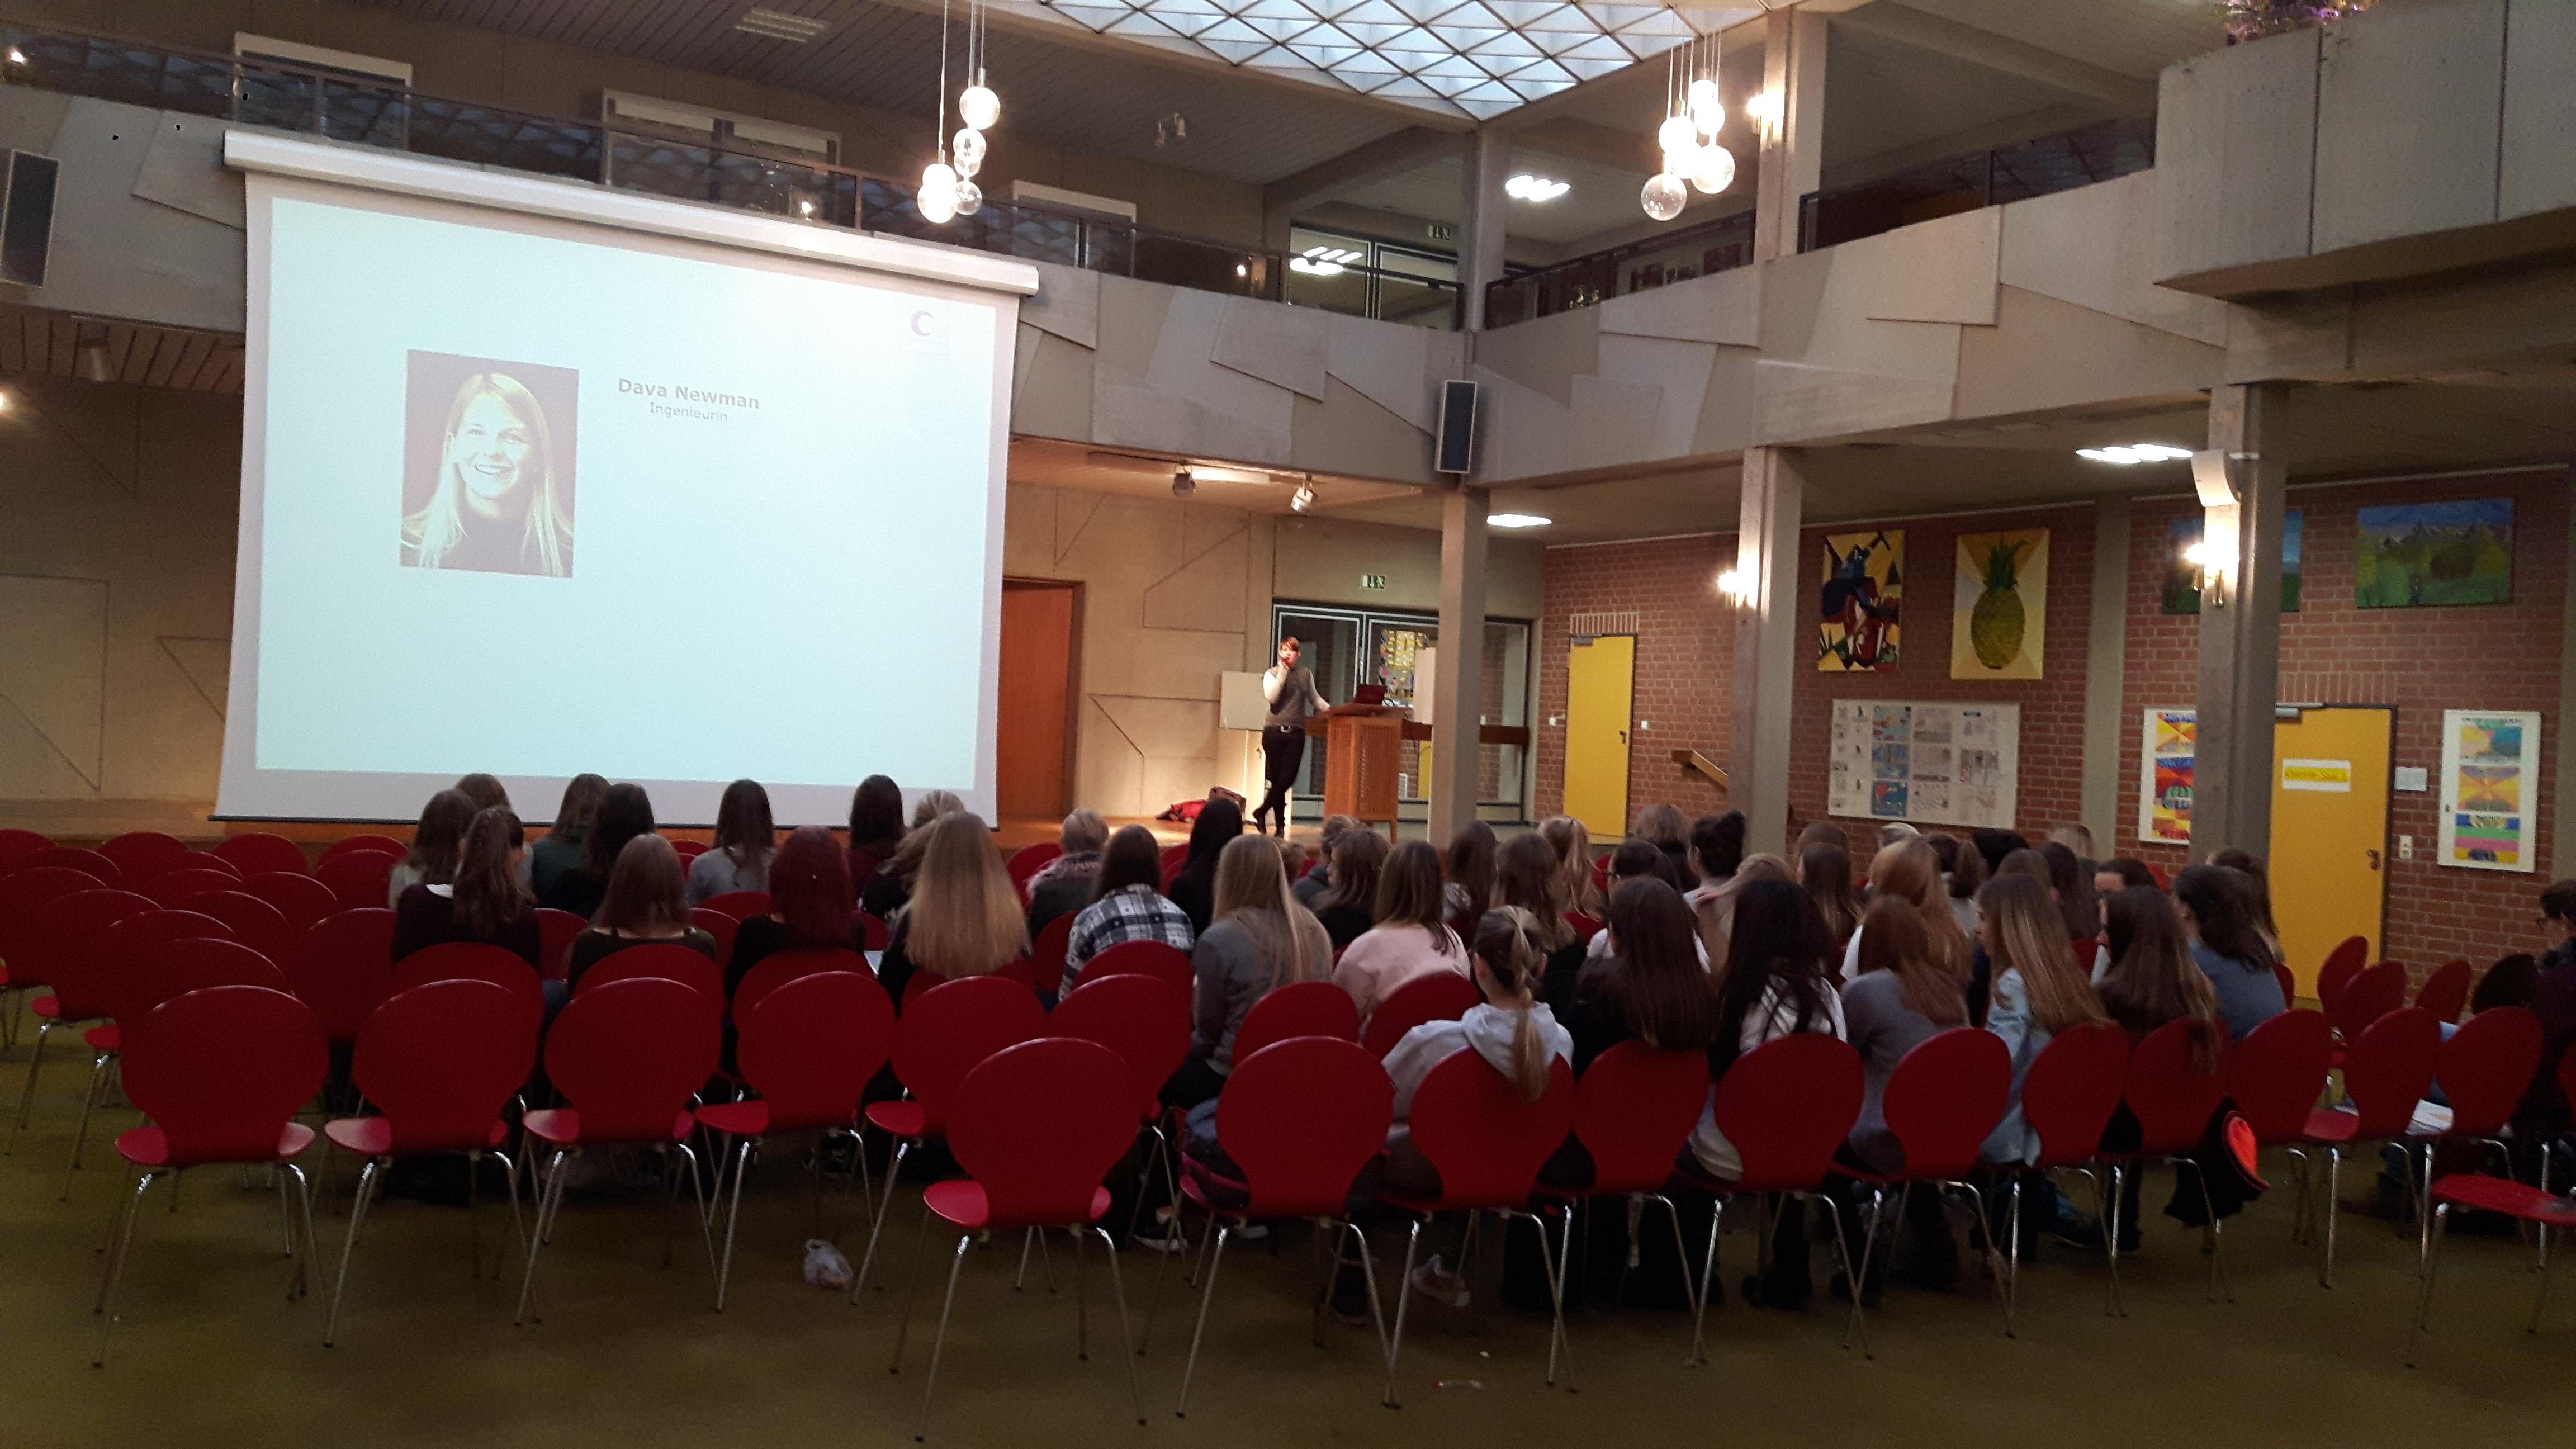 Bild der Veranstaltung in der Aula